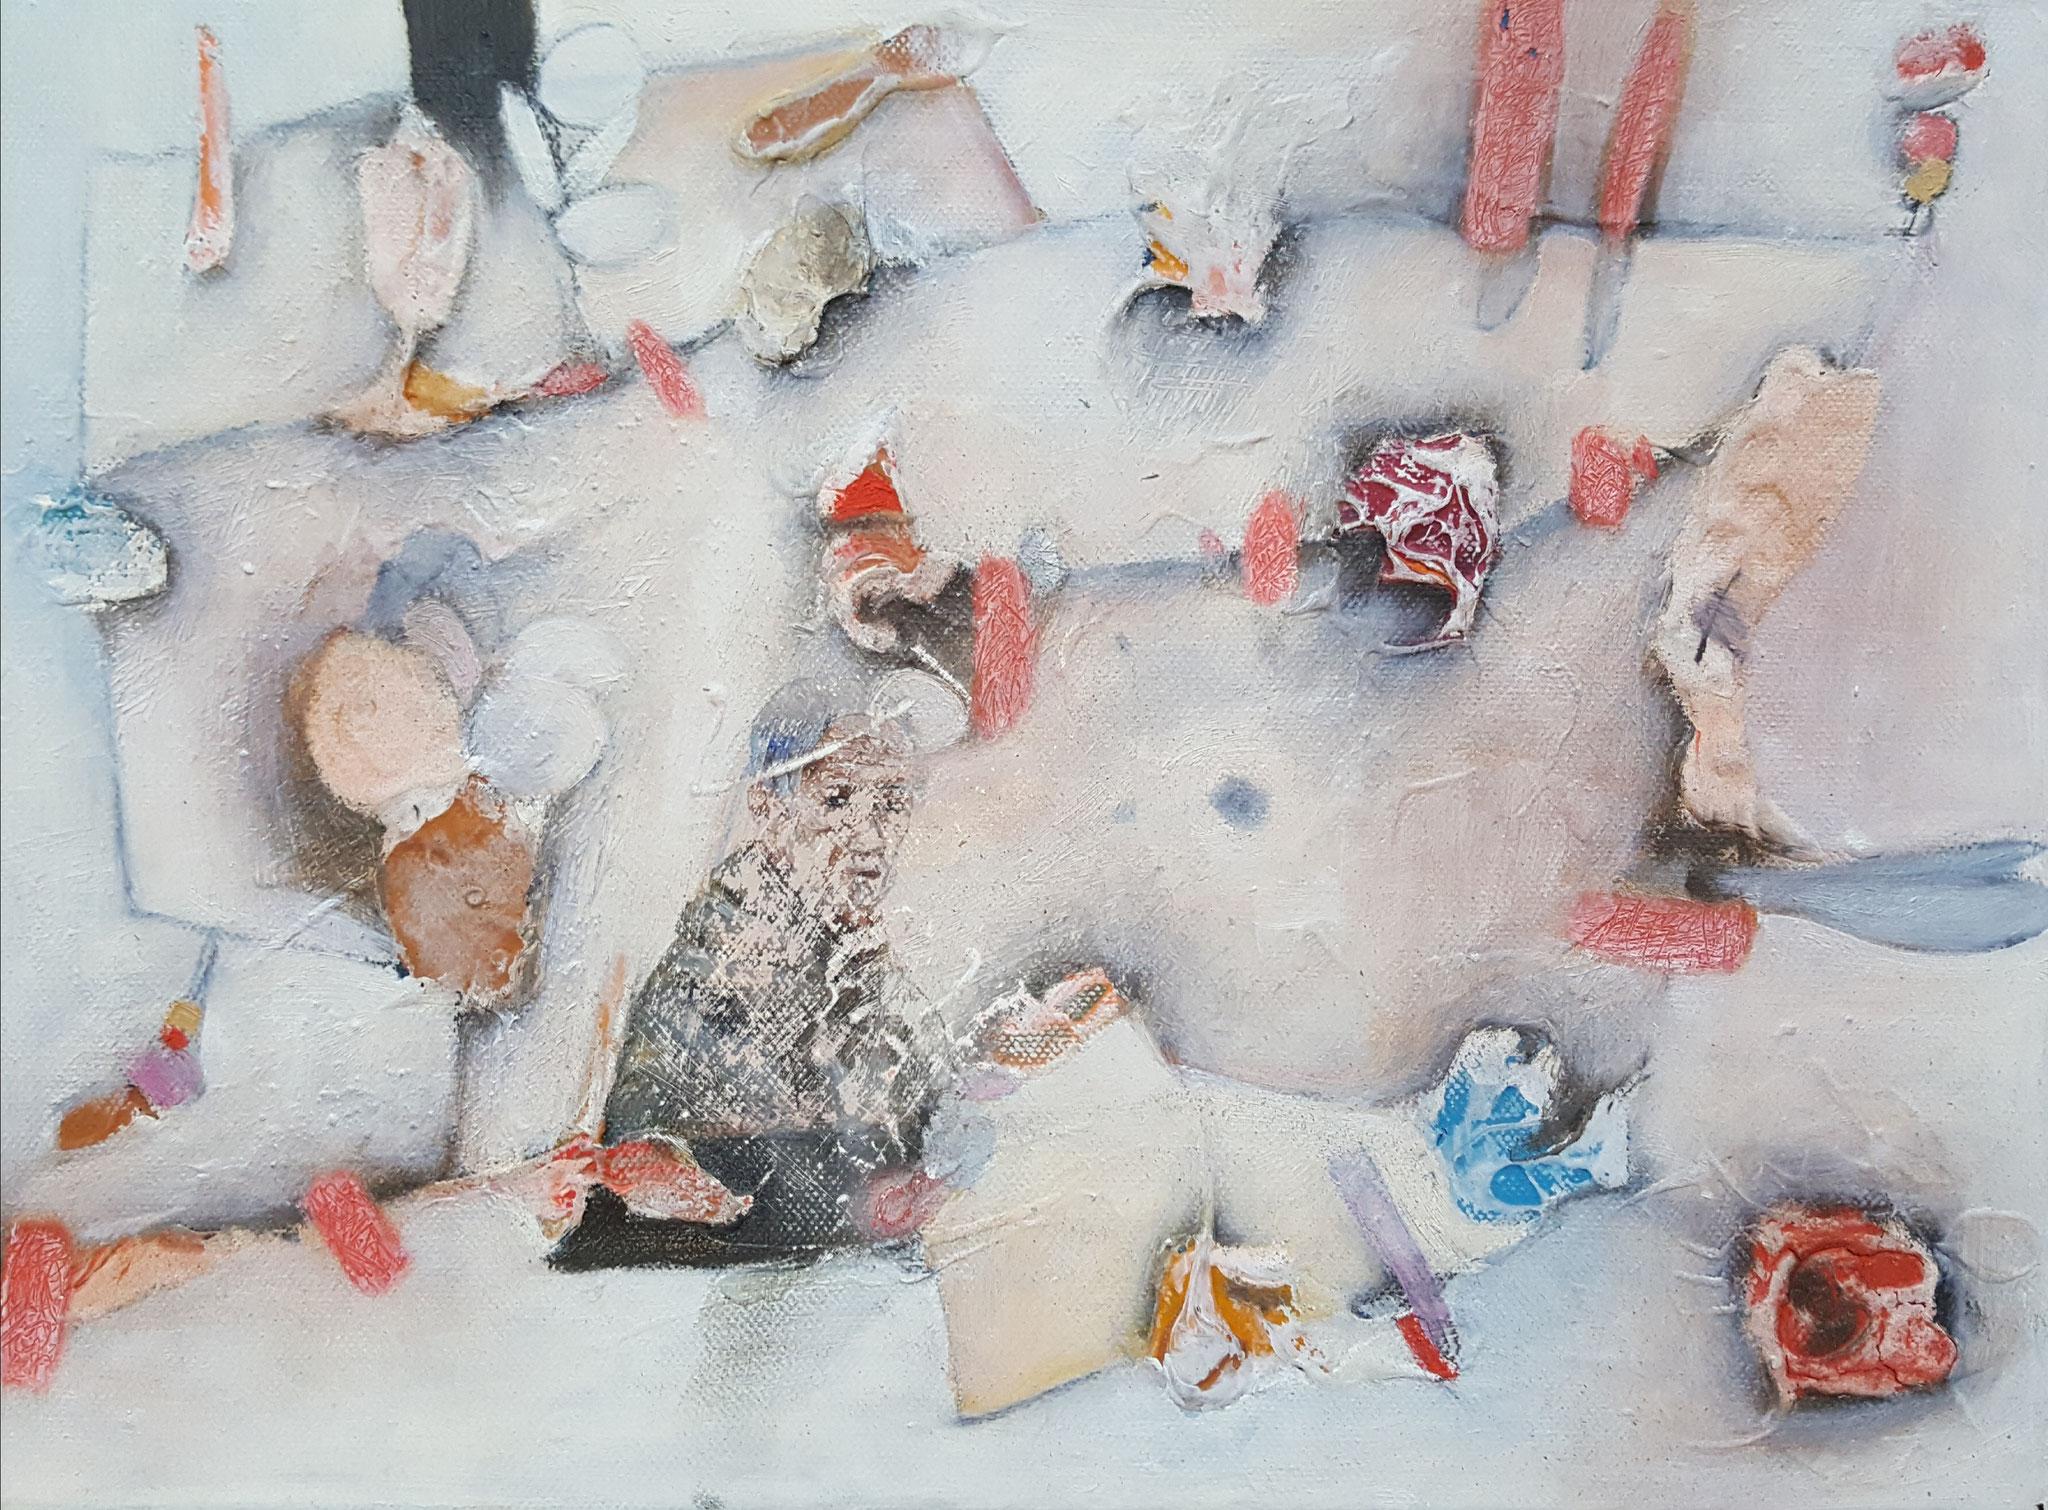 Des-aparecidos IV, 2018, 40 x 30 cm, Técnica mixta sobre lienzo